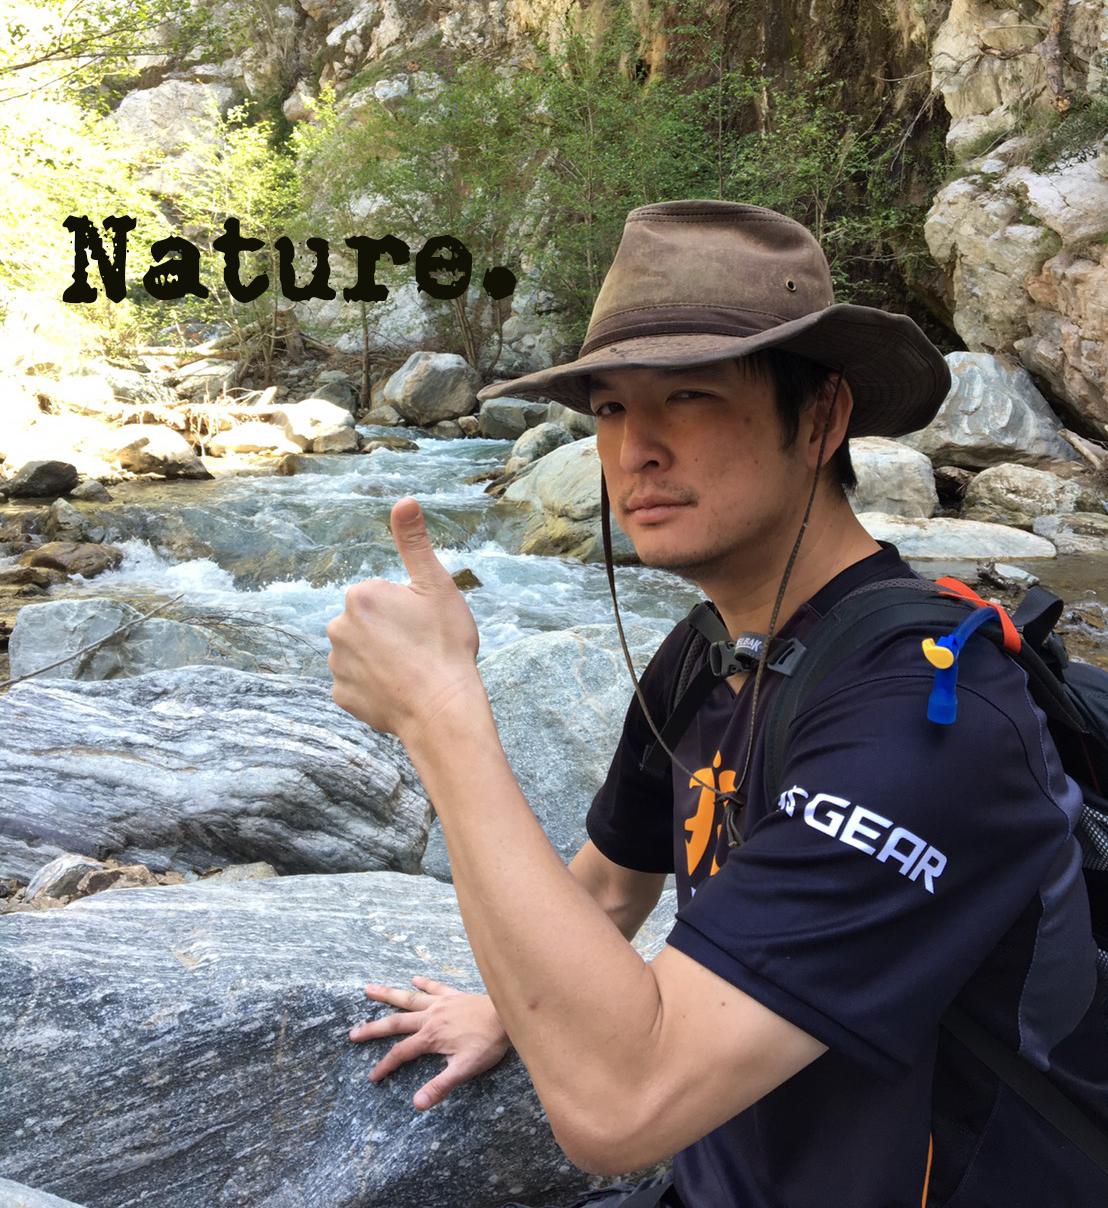 Cee-nature